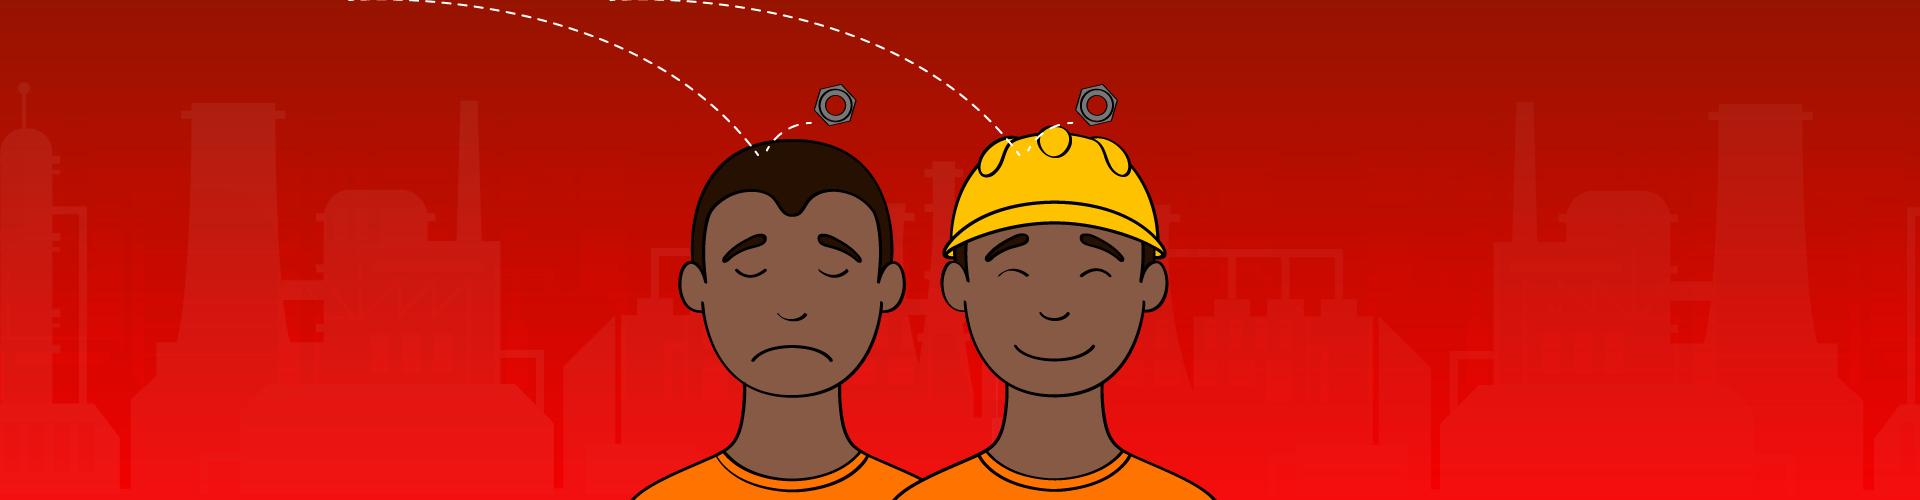 Acidente de Trabalho ou Incidente de Trabalho? Saiba a diferença!